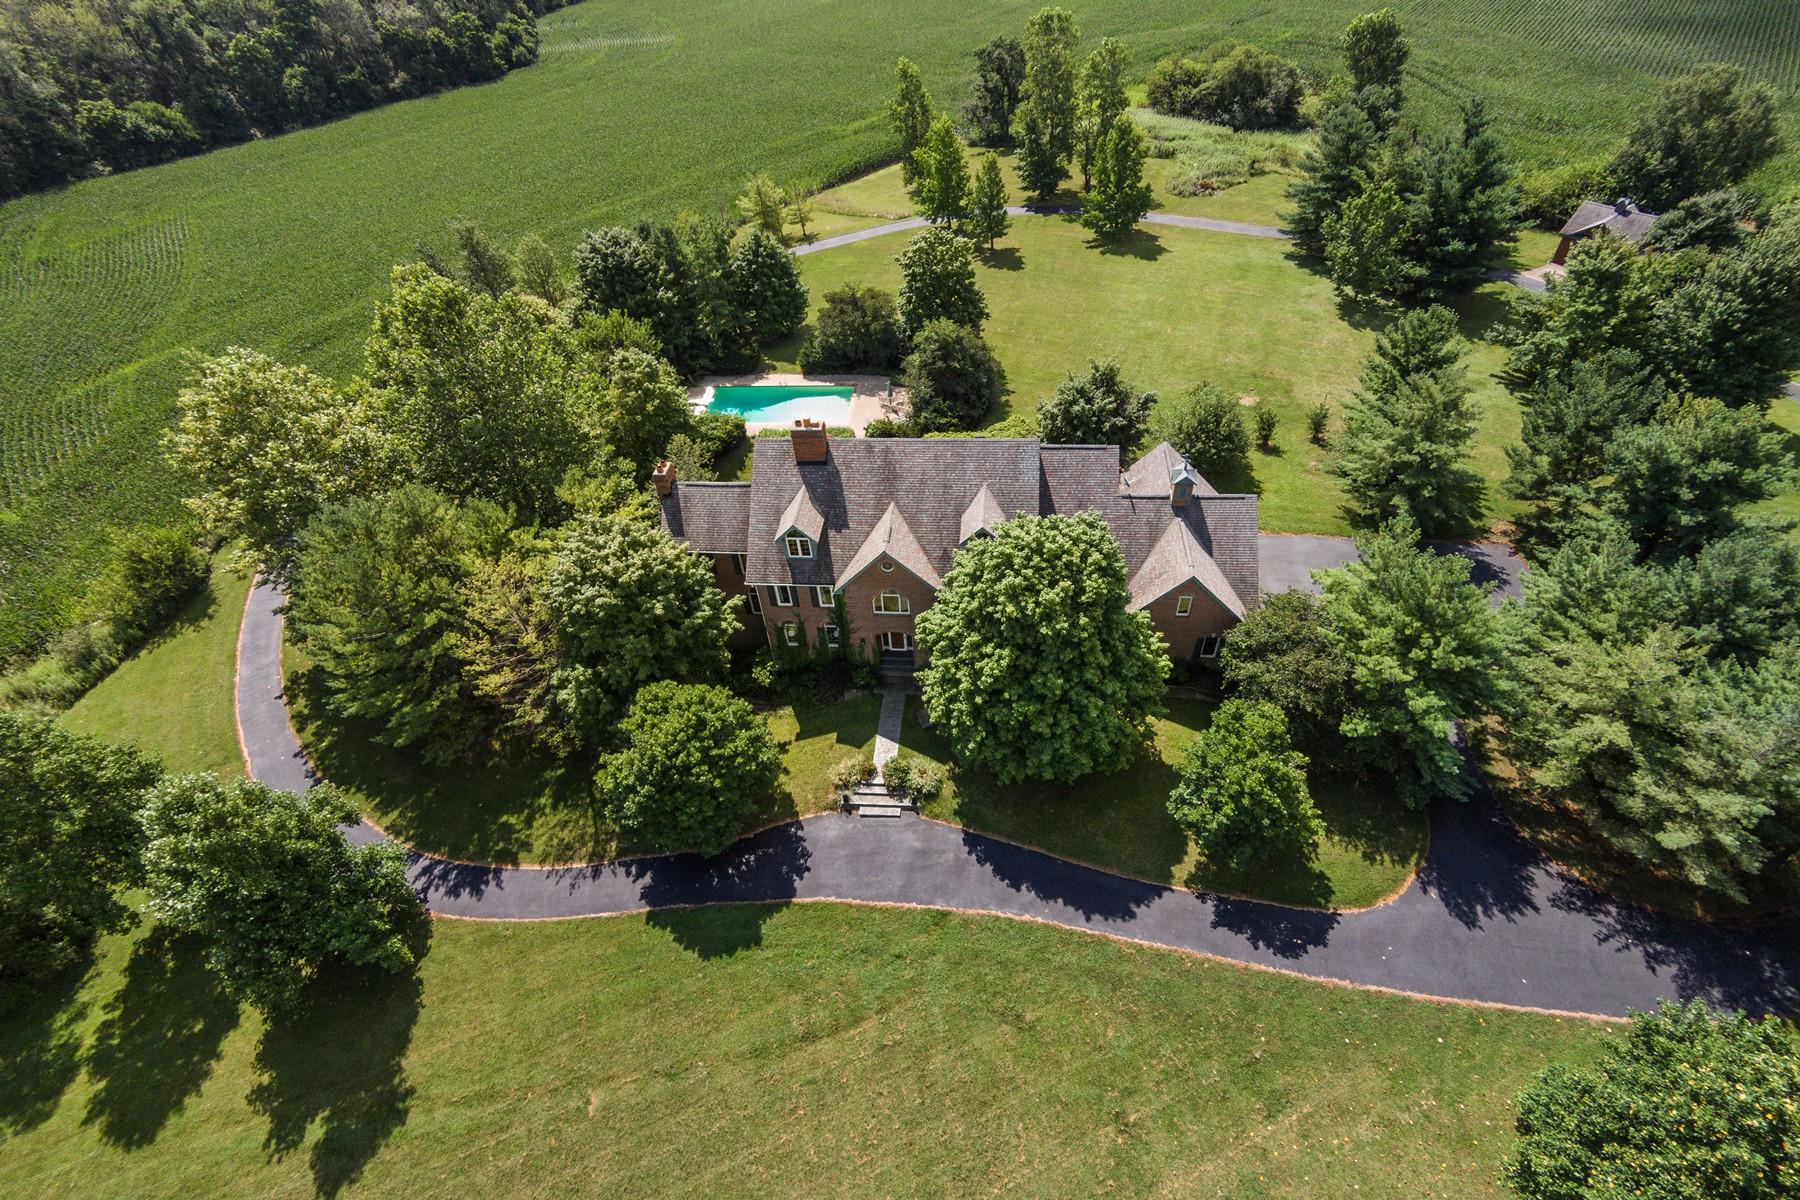 Casa Unifamiliar por un Venta en Complete Tranquility 1567 N 1000 E Sheridan, Indiana, 46069 Estados Unidos